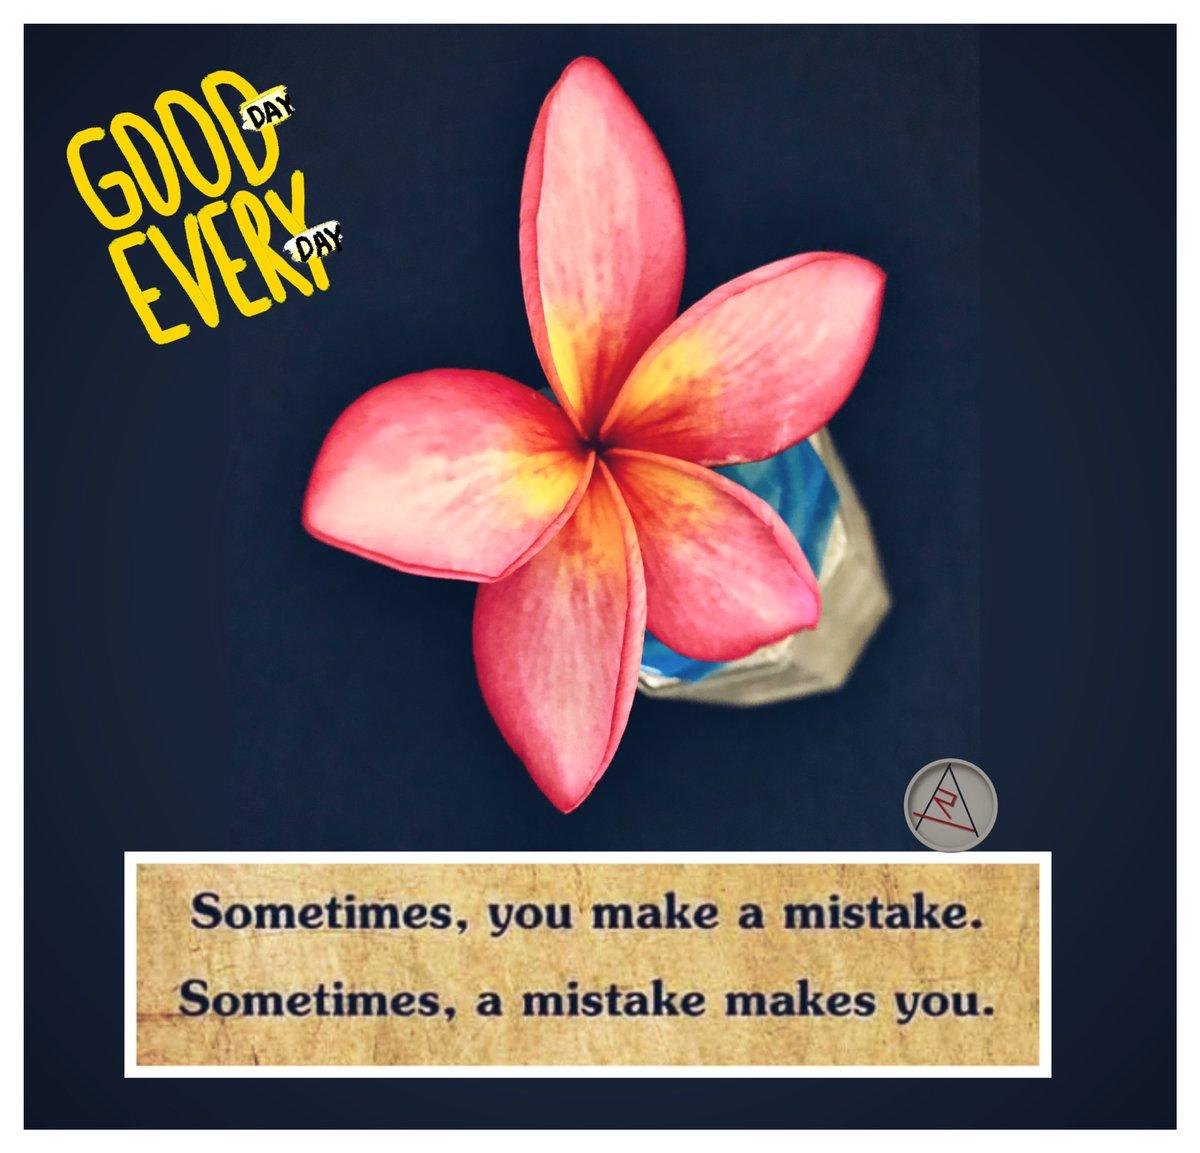 Haͦvͦé aͦ Wͦoͦnͦdͦeͦrͦfͦuͦlͦ Dͦáyͦ✨åhèád  #GoodDay #photography #flower #quotes #goodvibes #GoodVibesOnly https://t.co/1E4Y1jLwR3